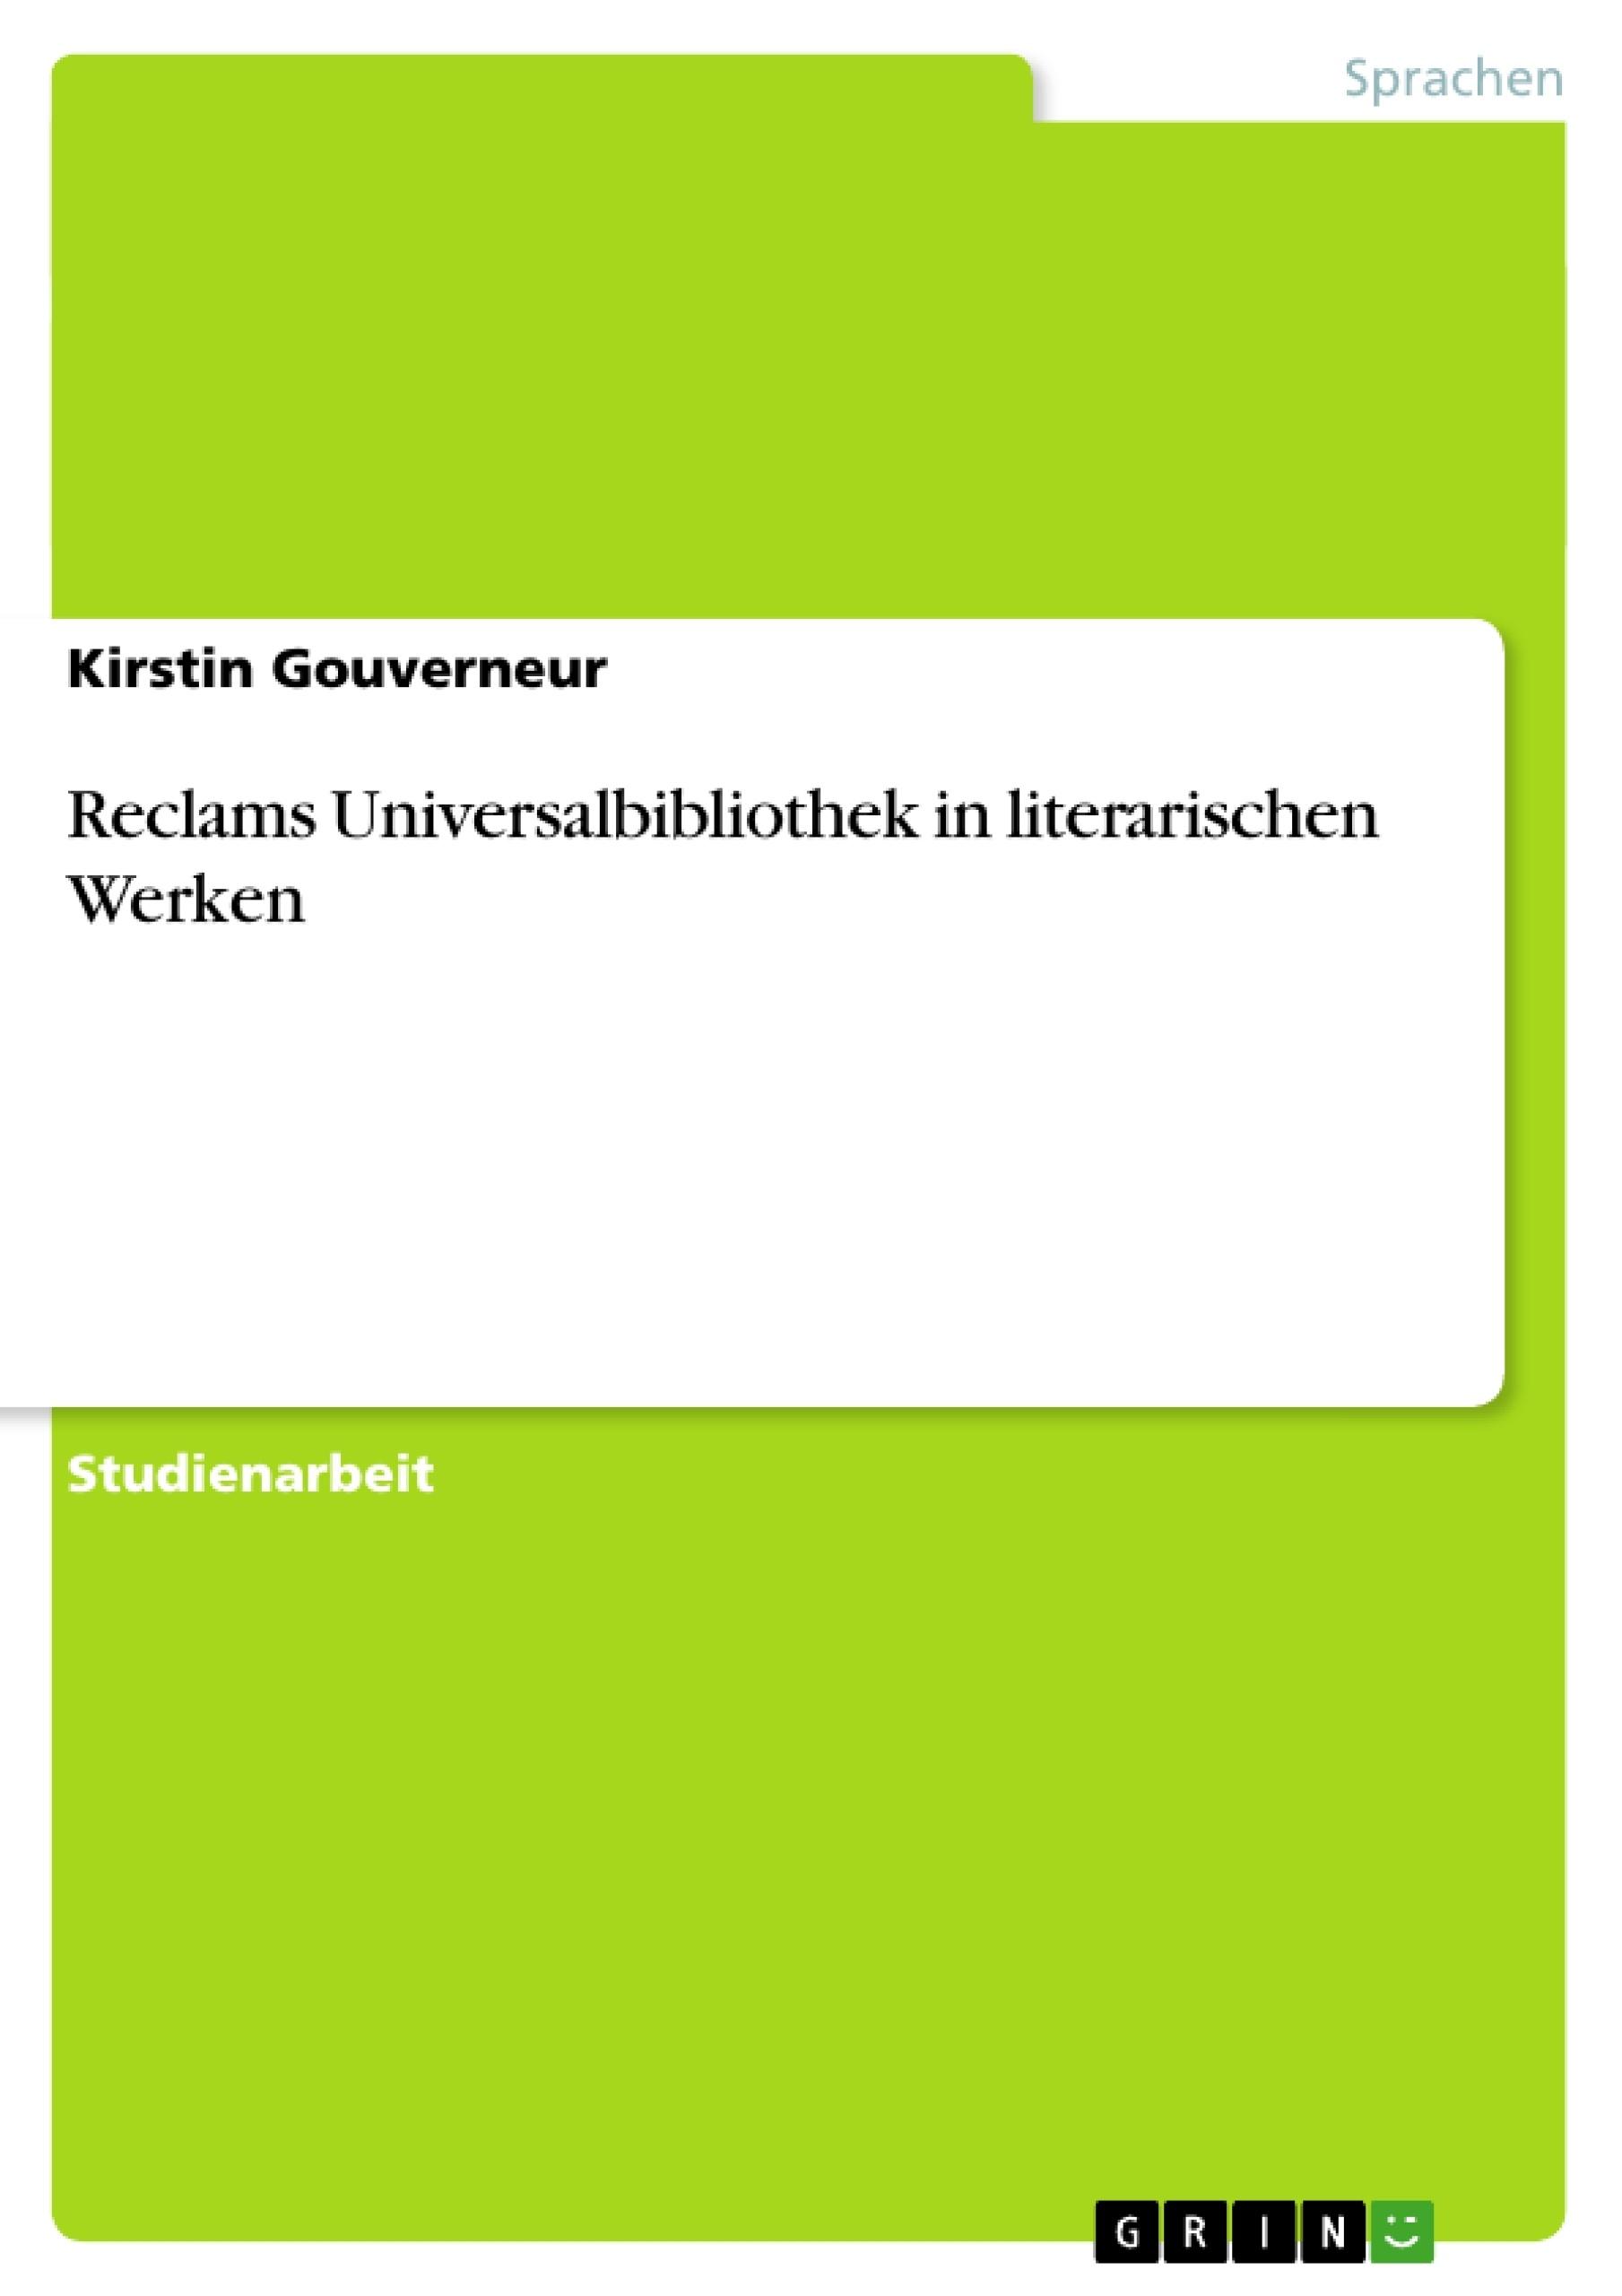 Titel: Reclams Universalbibliothek in literarischen Werken